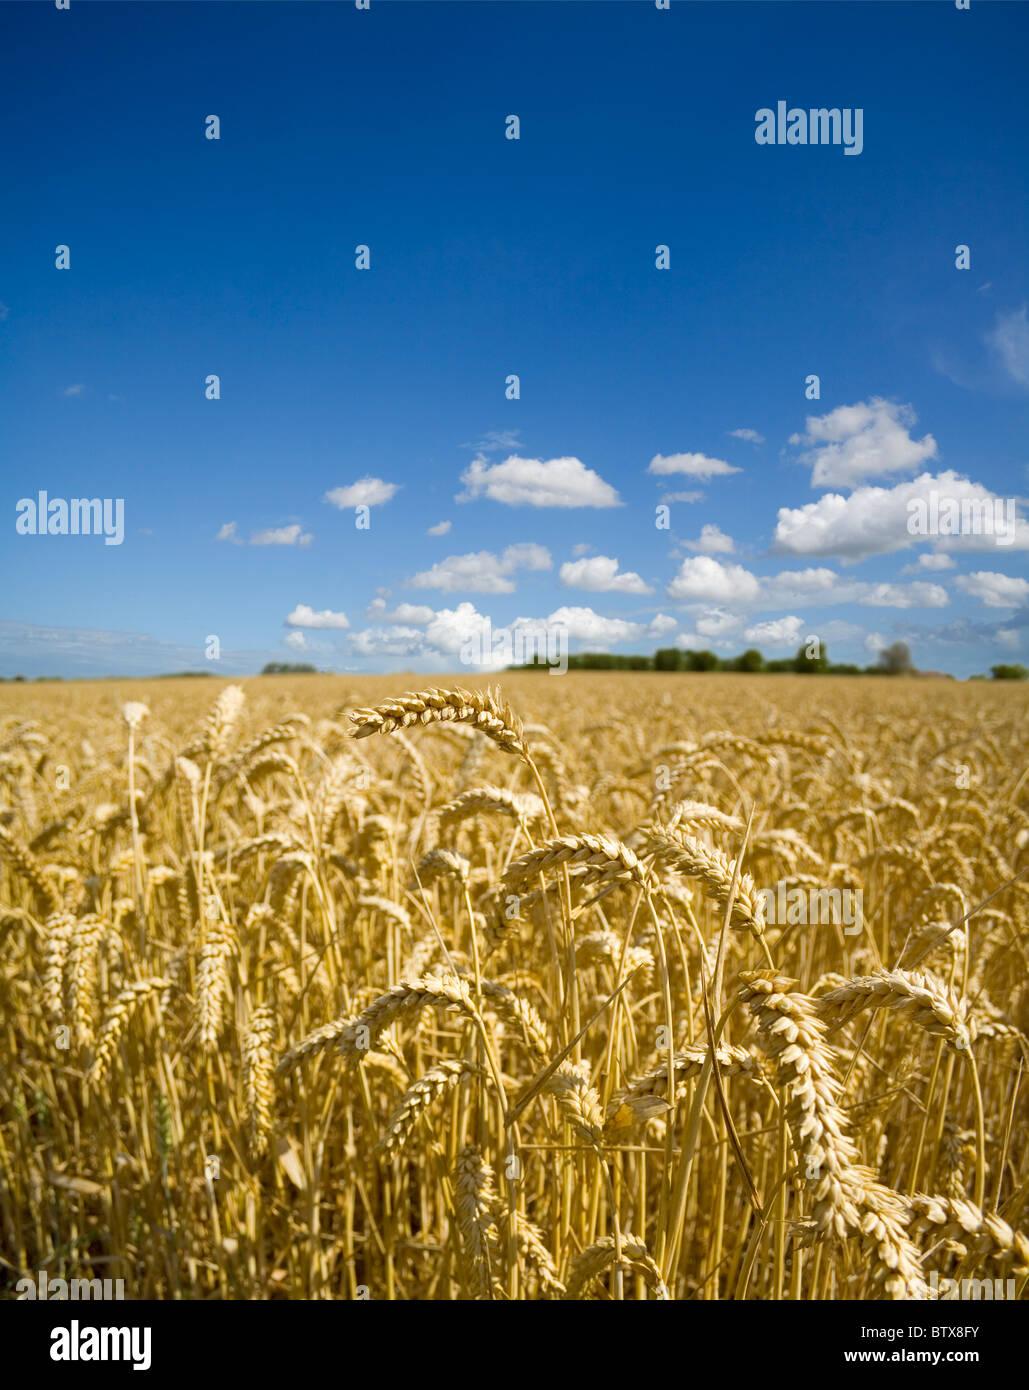 Un champ de blé mûr sous un ciel d'été Photo Stock